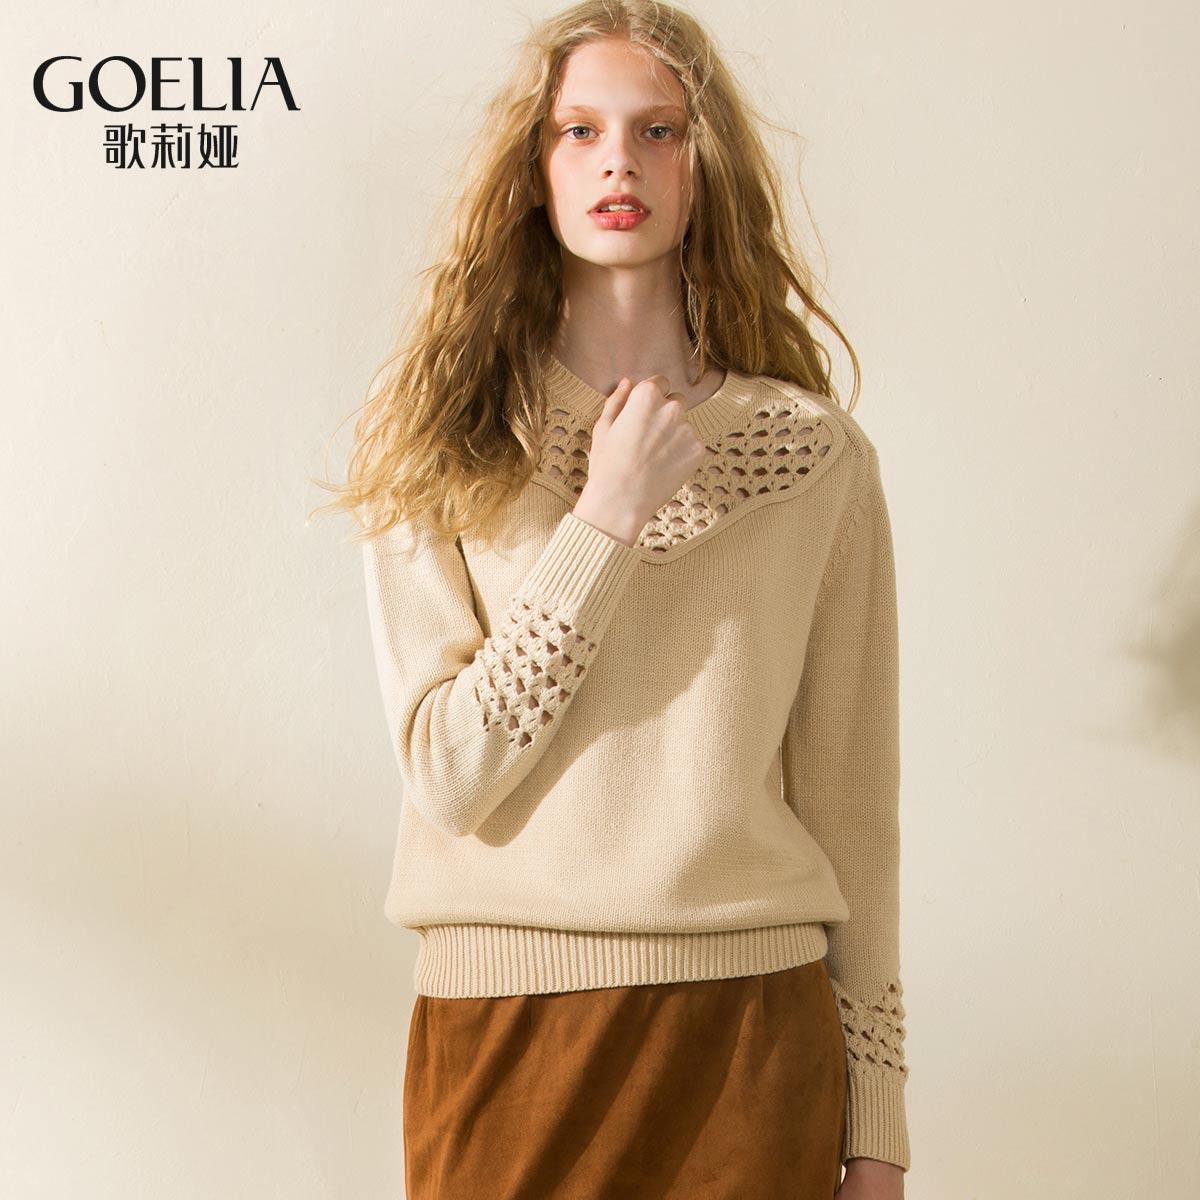 歌莉娅女装 歌莉娅女装 2016冬季新款套头扭花粗针毛衣女宽松16CE5J390_推荐淘宝好看的歌莉娅